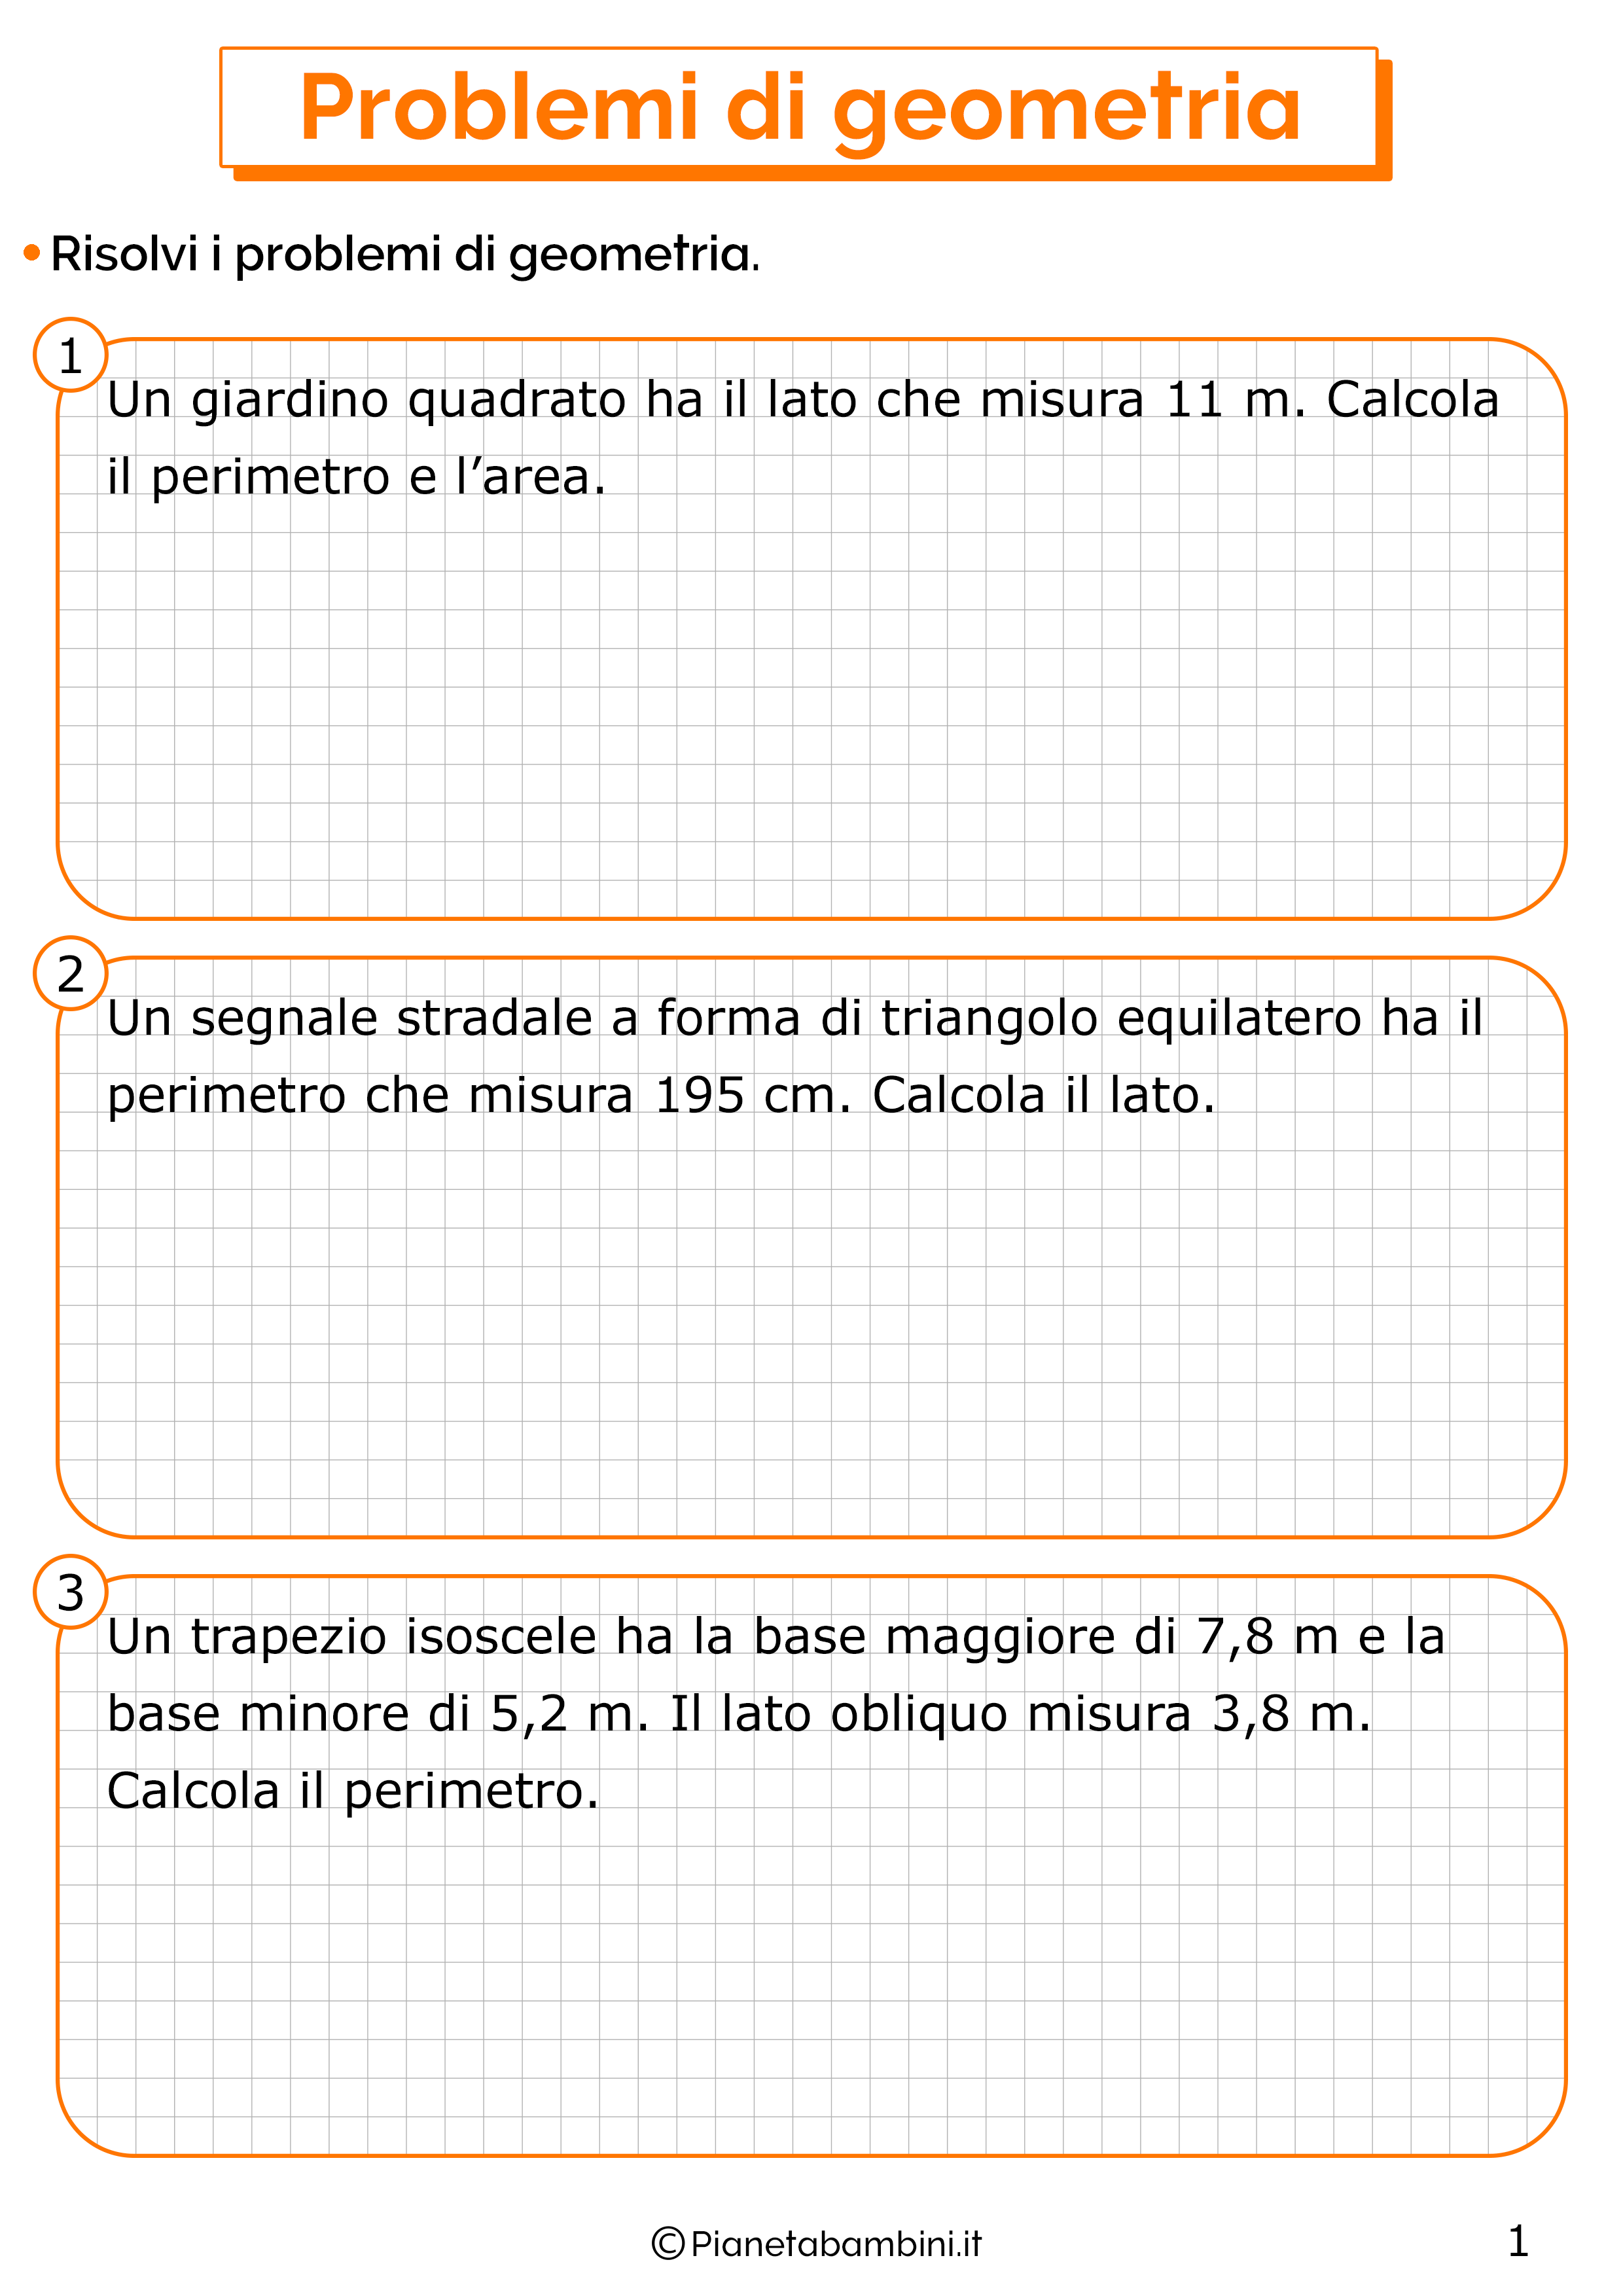 Problemi di geometria classe quarta da stampare 1